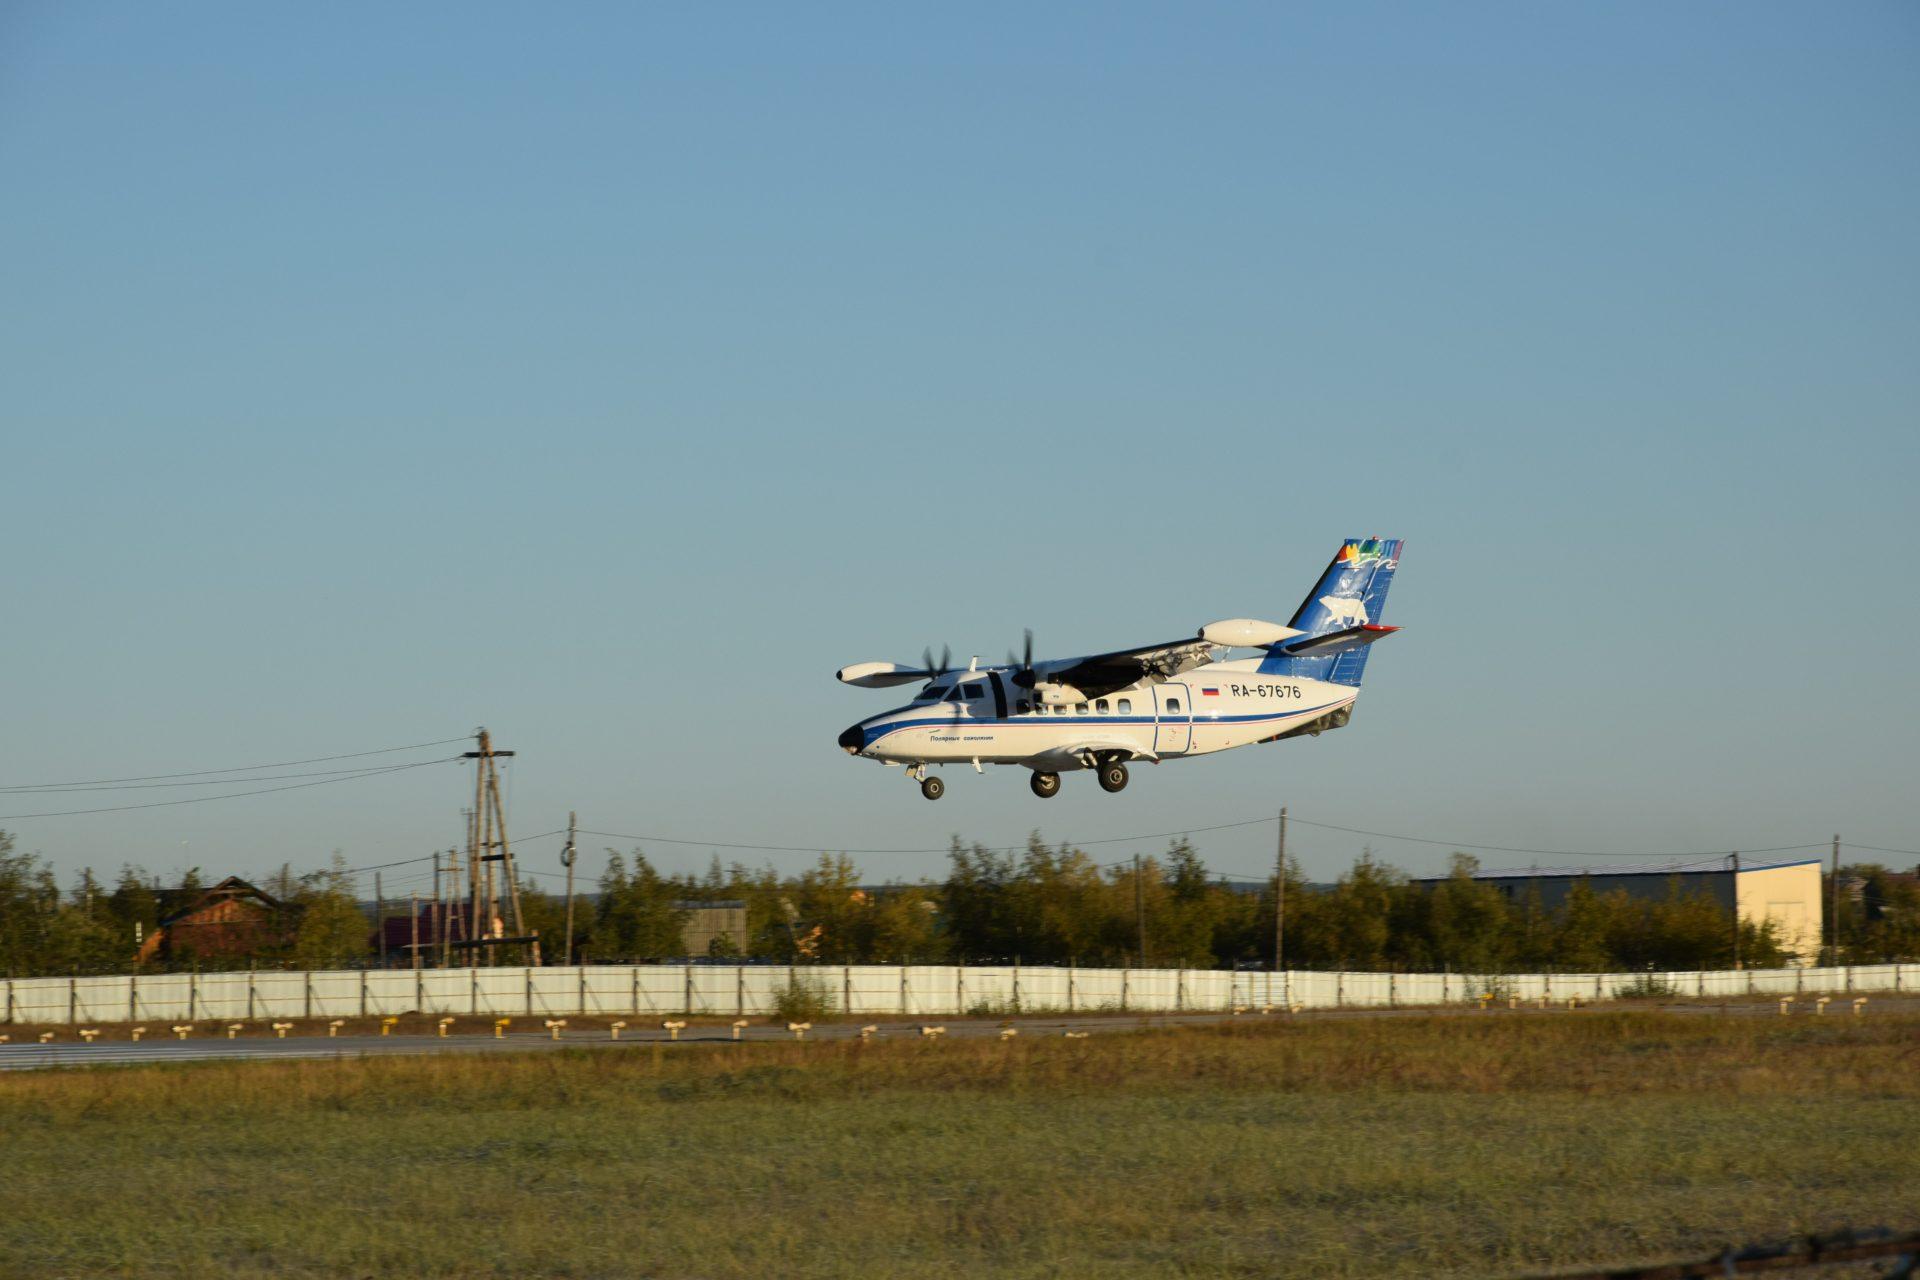 Открыты межсезонные рейсы из Якутска в Усть-Маю, Алдан, Хандыгу и Сангар